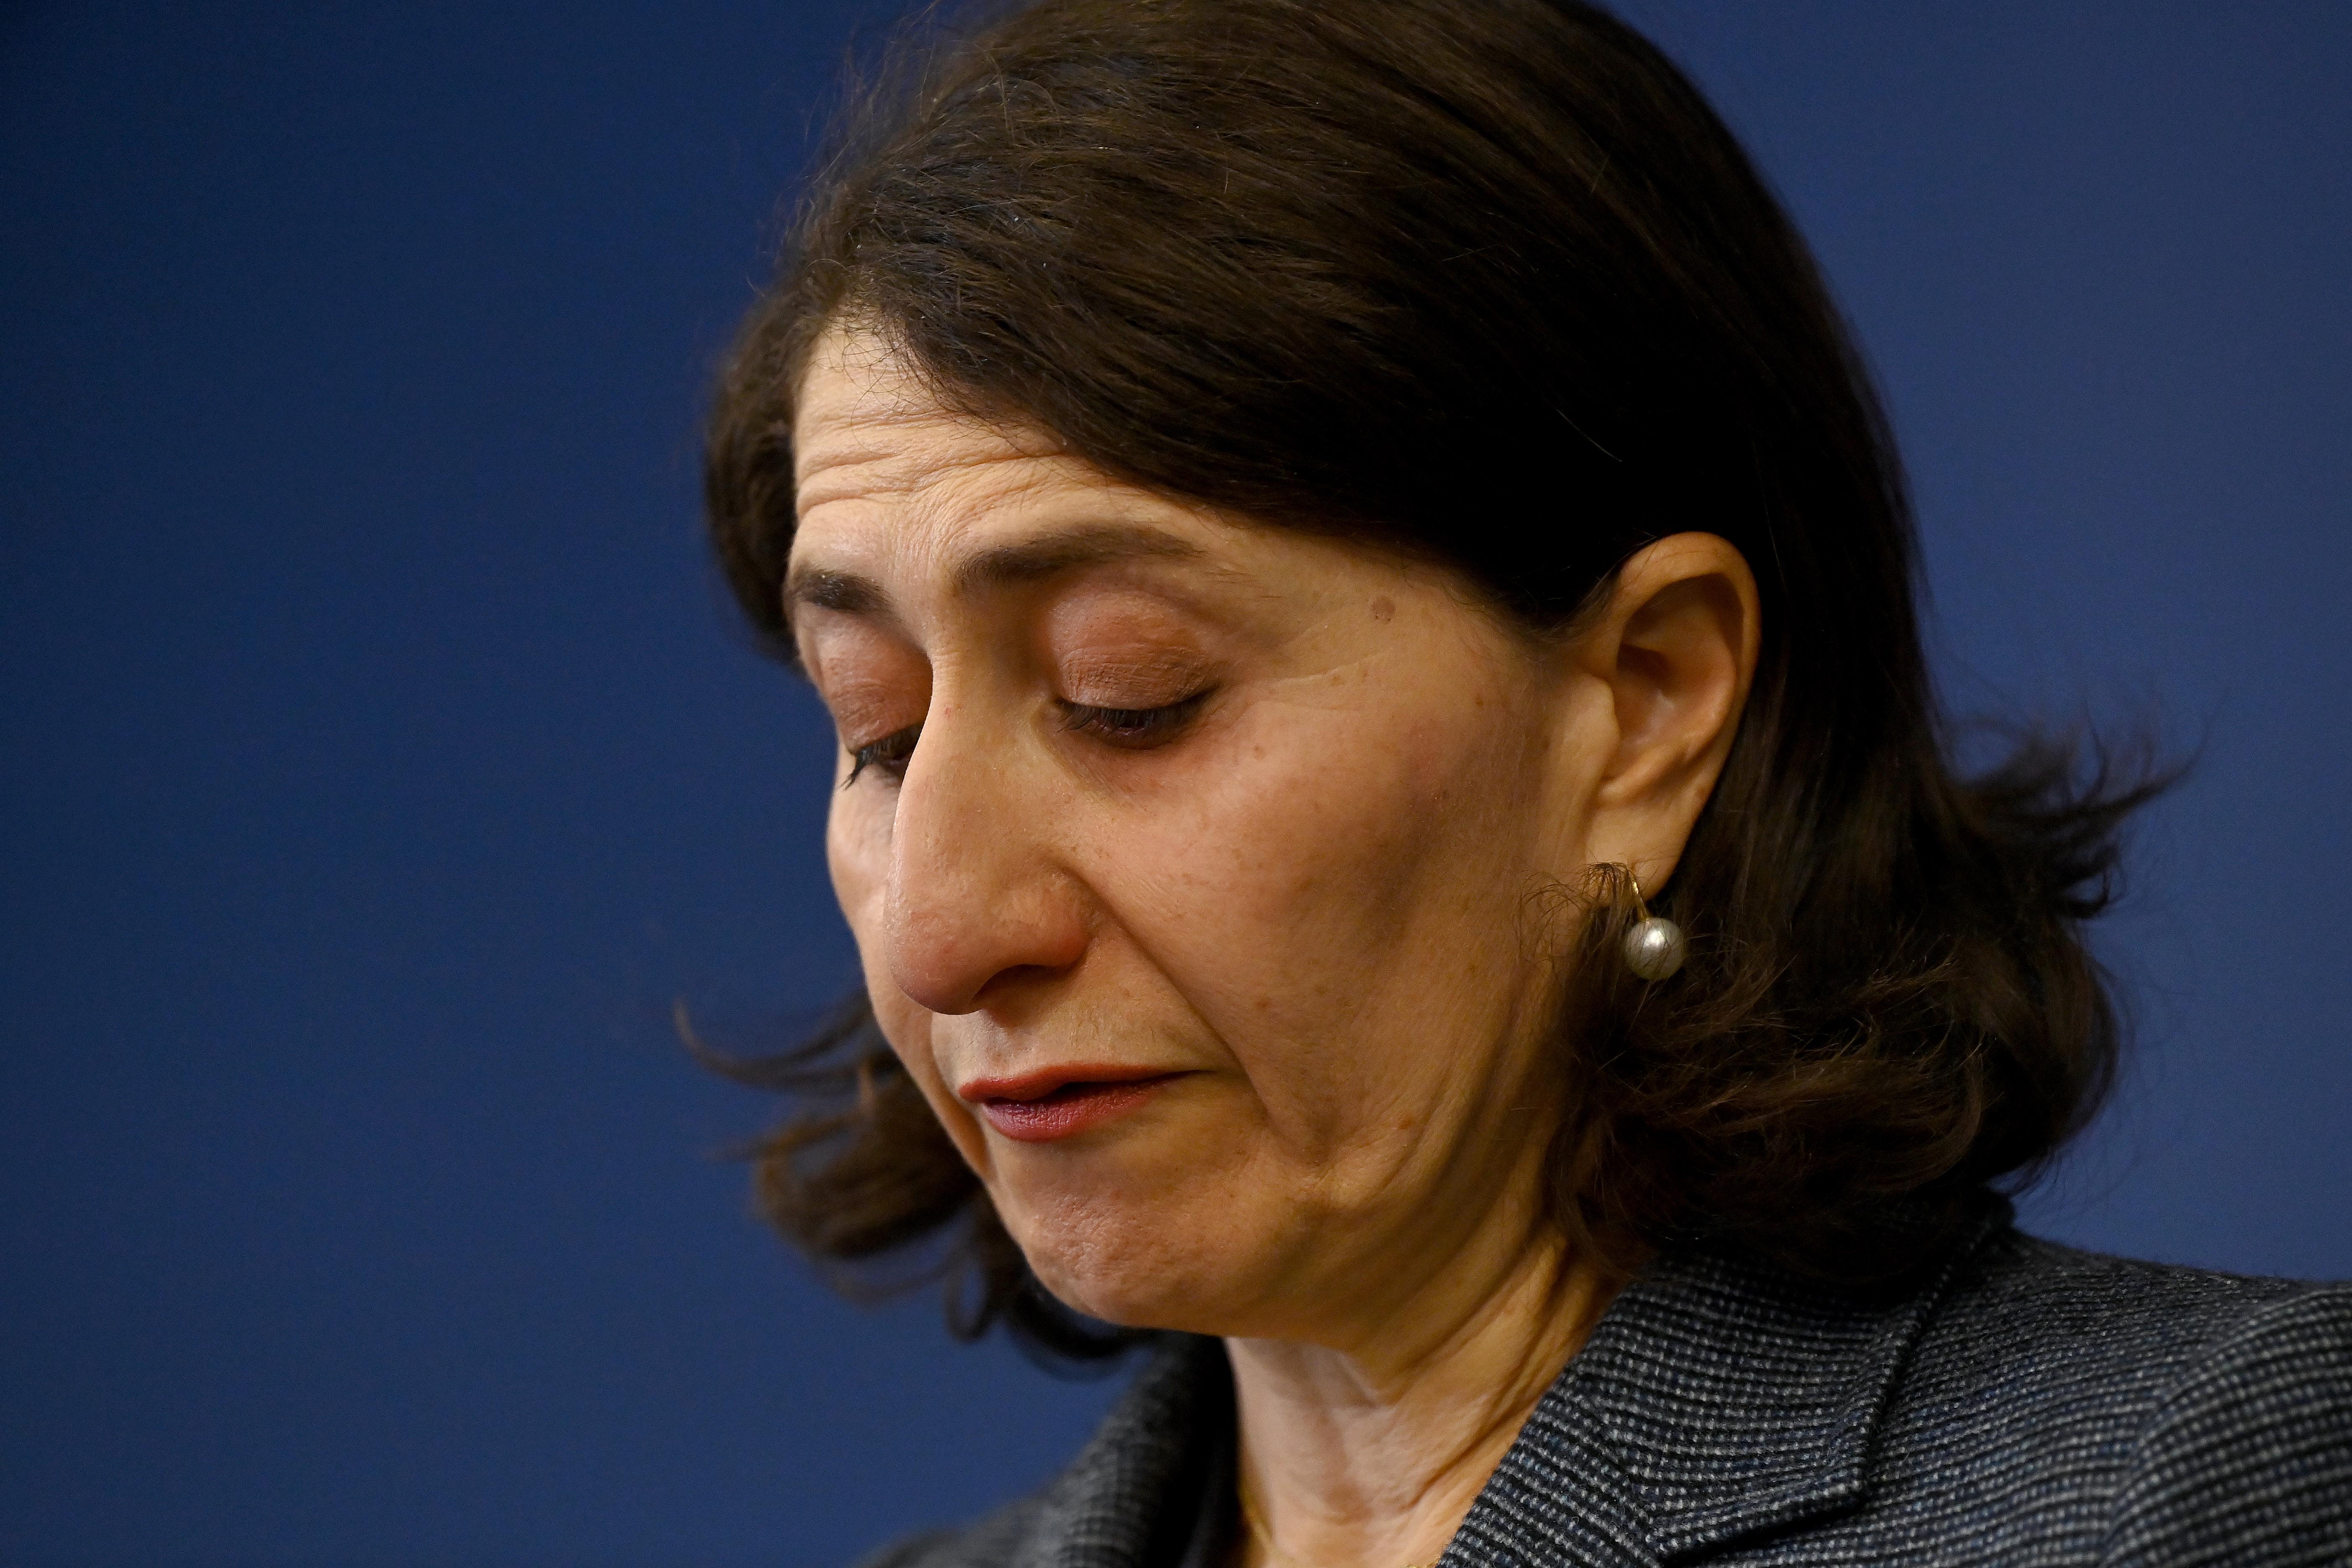 NSW Premier Gladys Berejiklian resignation